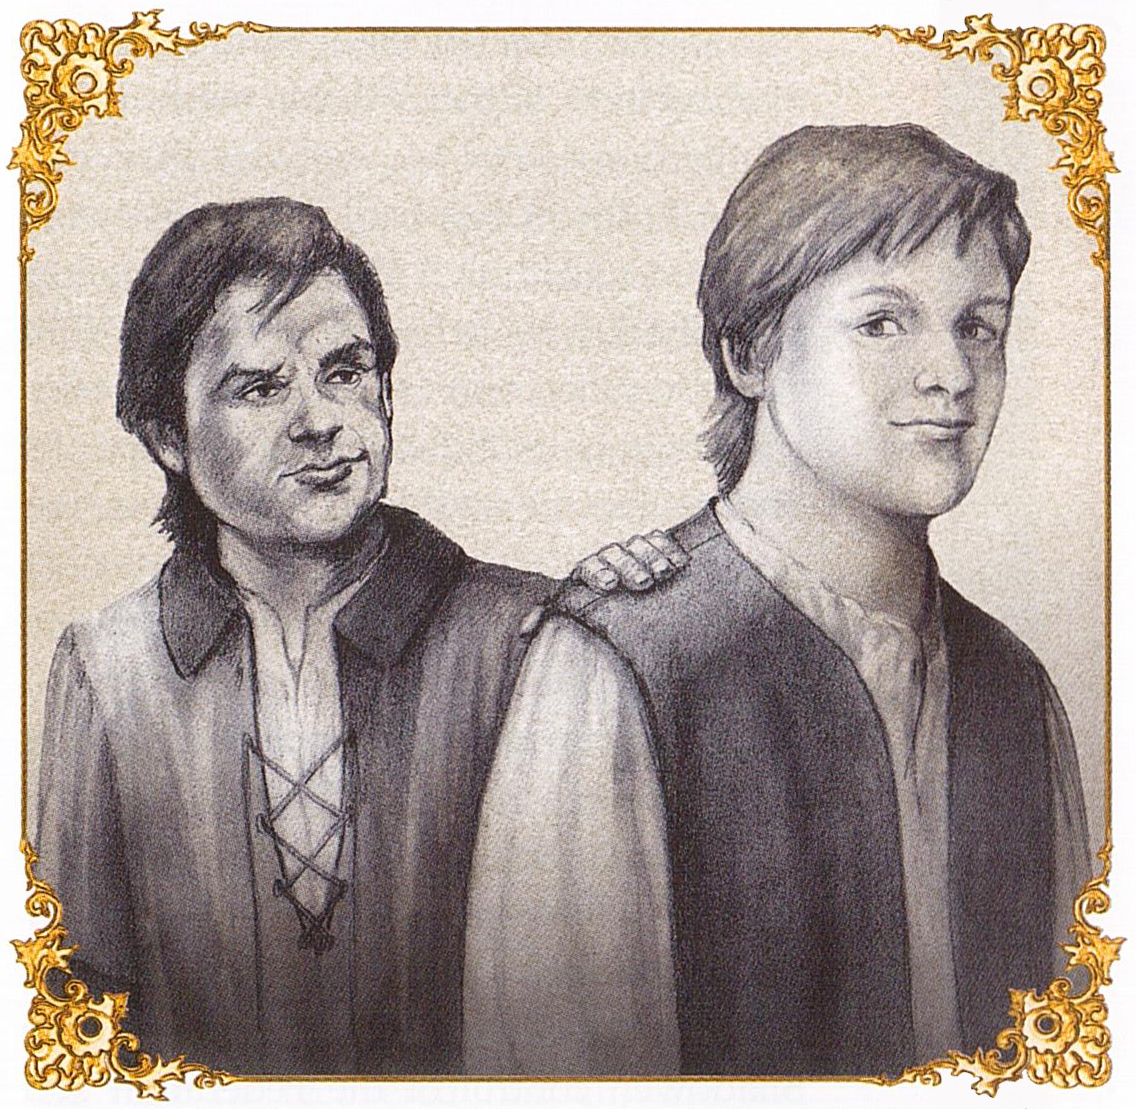 Jaralan & Coll Ohmsford